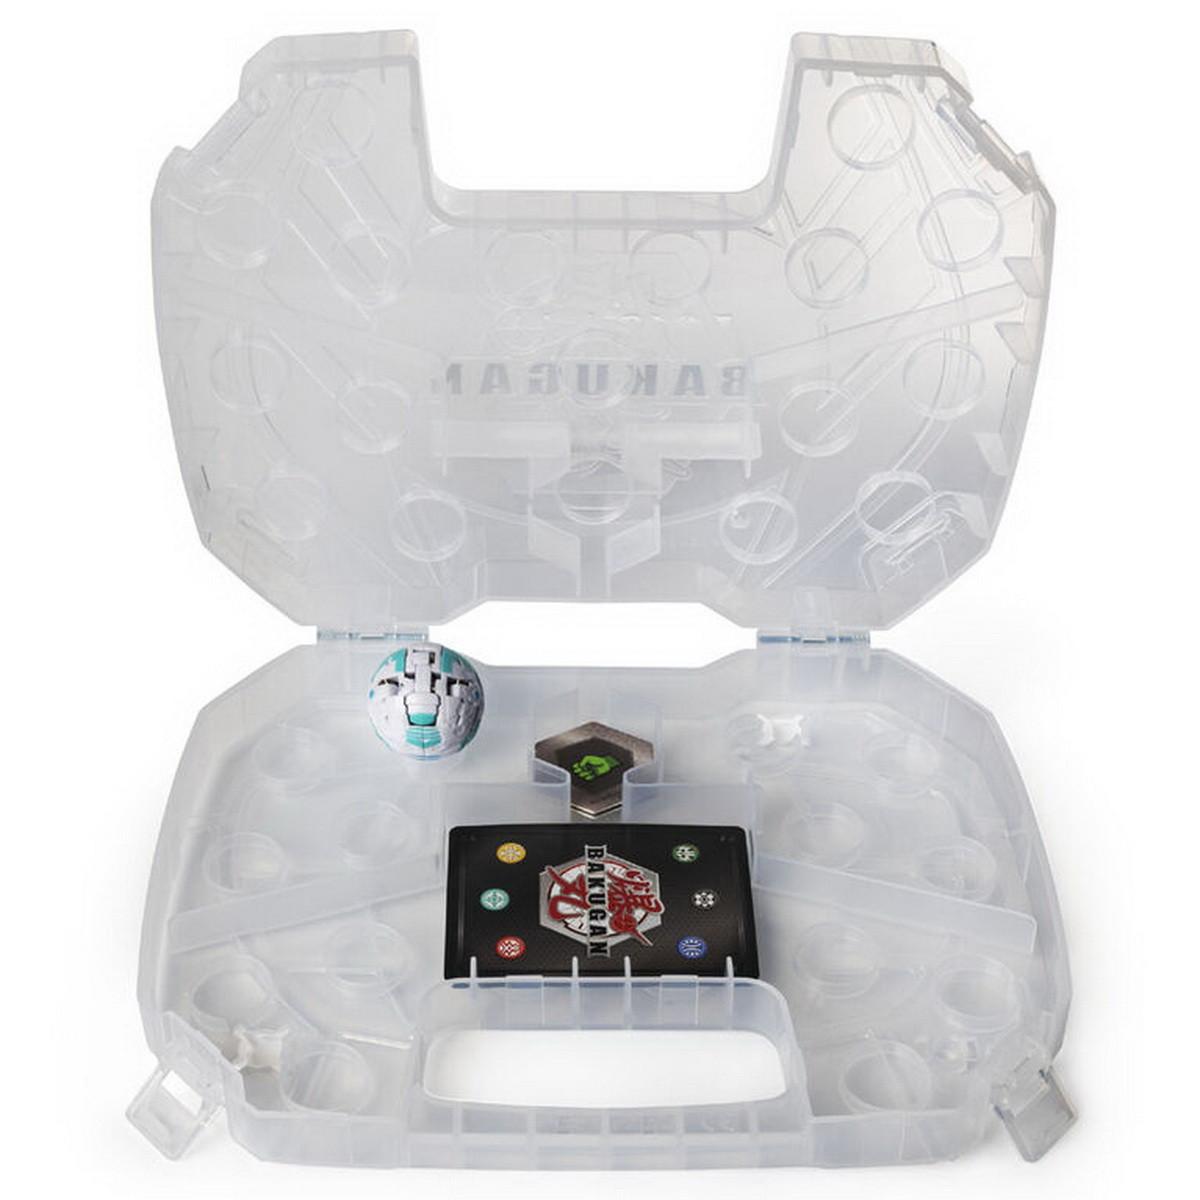 Bakugan Battle Planet Кейс для хранения бакуганов (прозрачный), SM64430-4